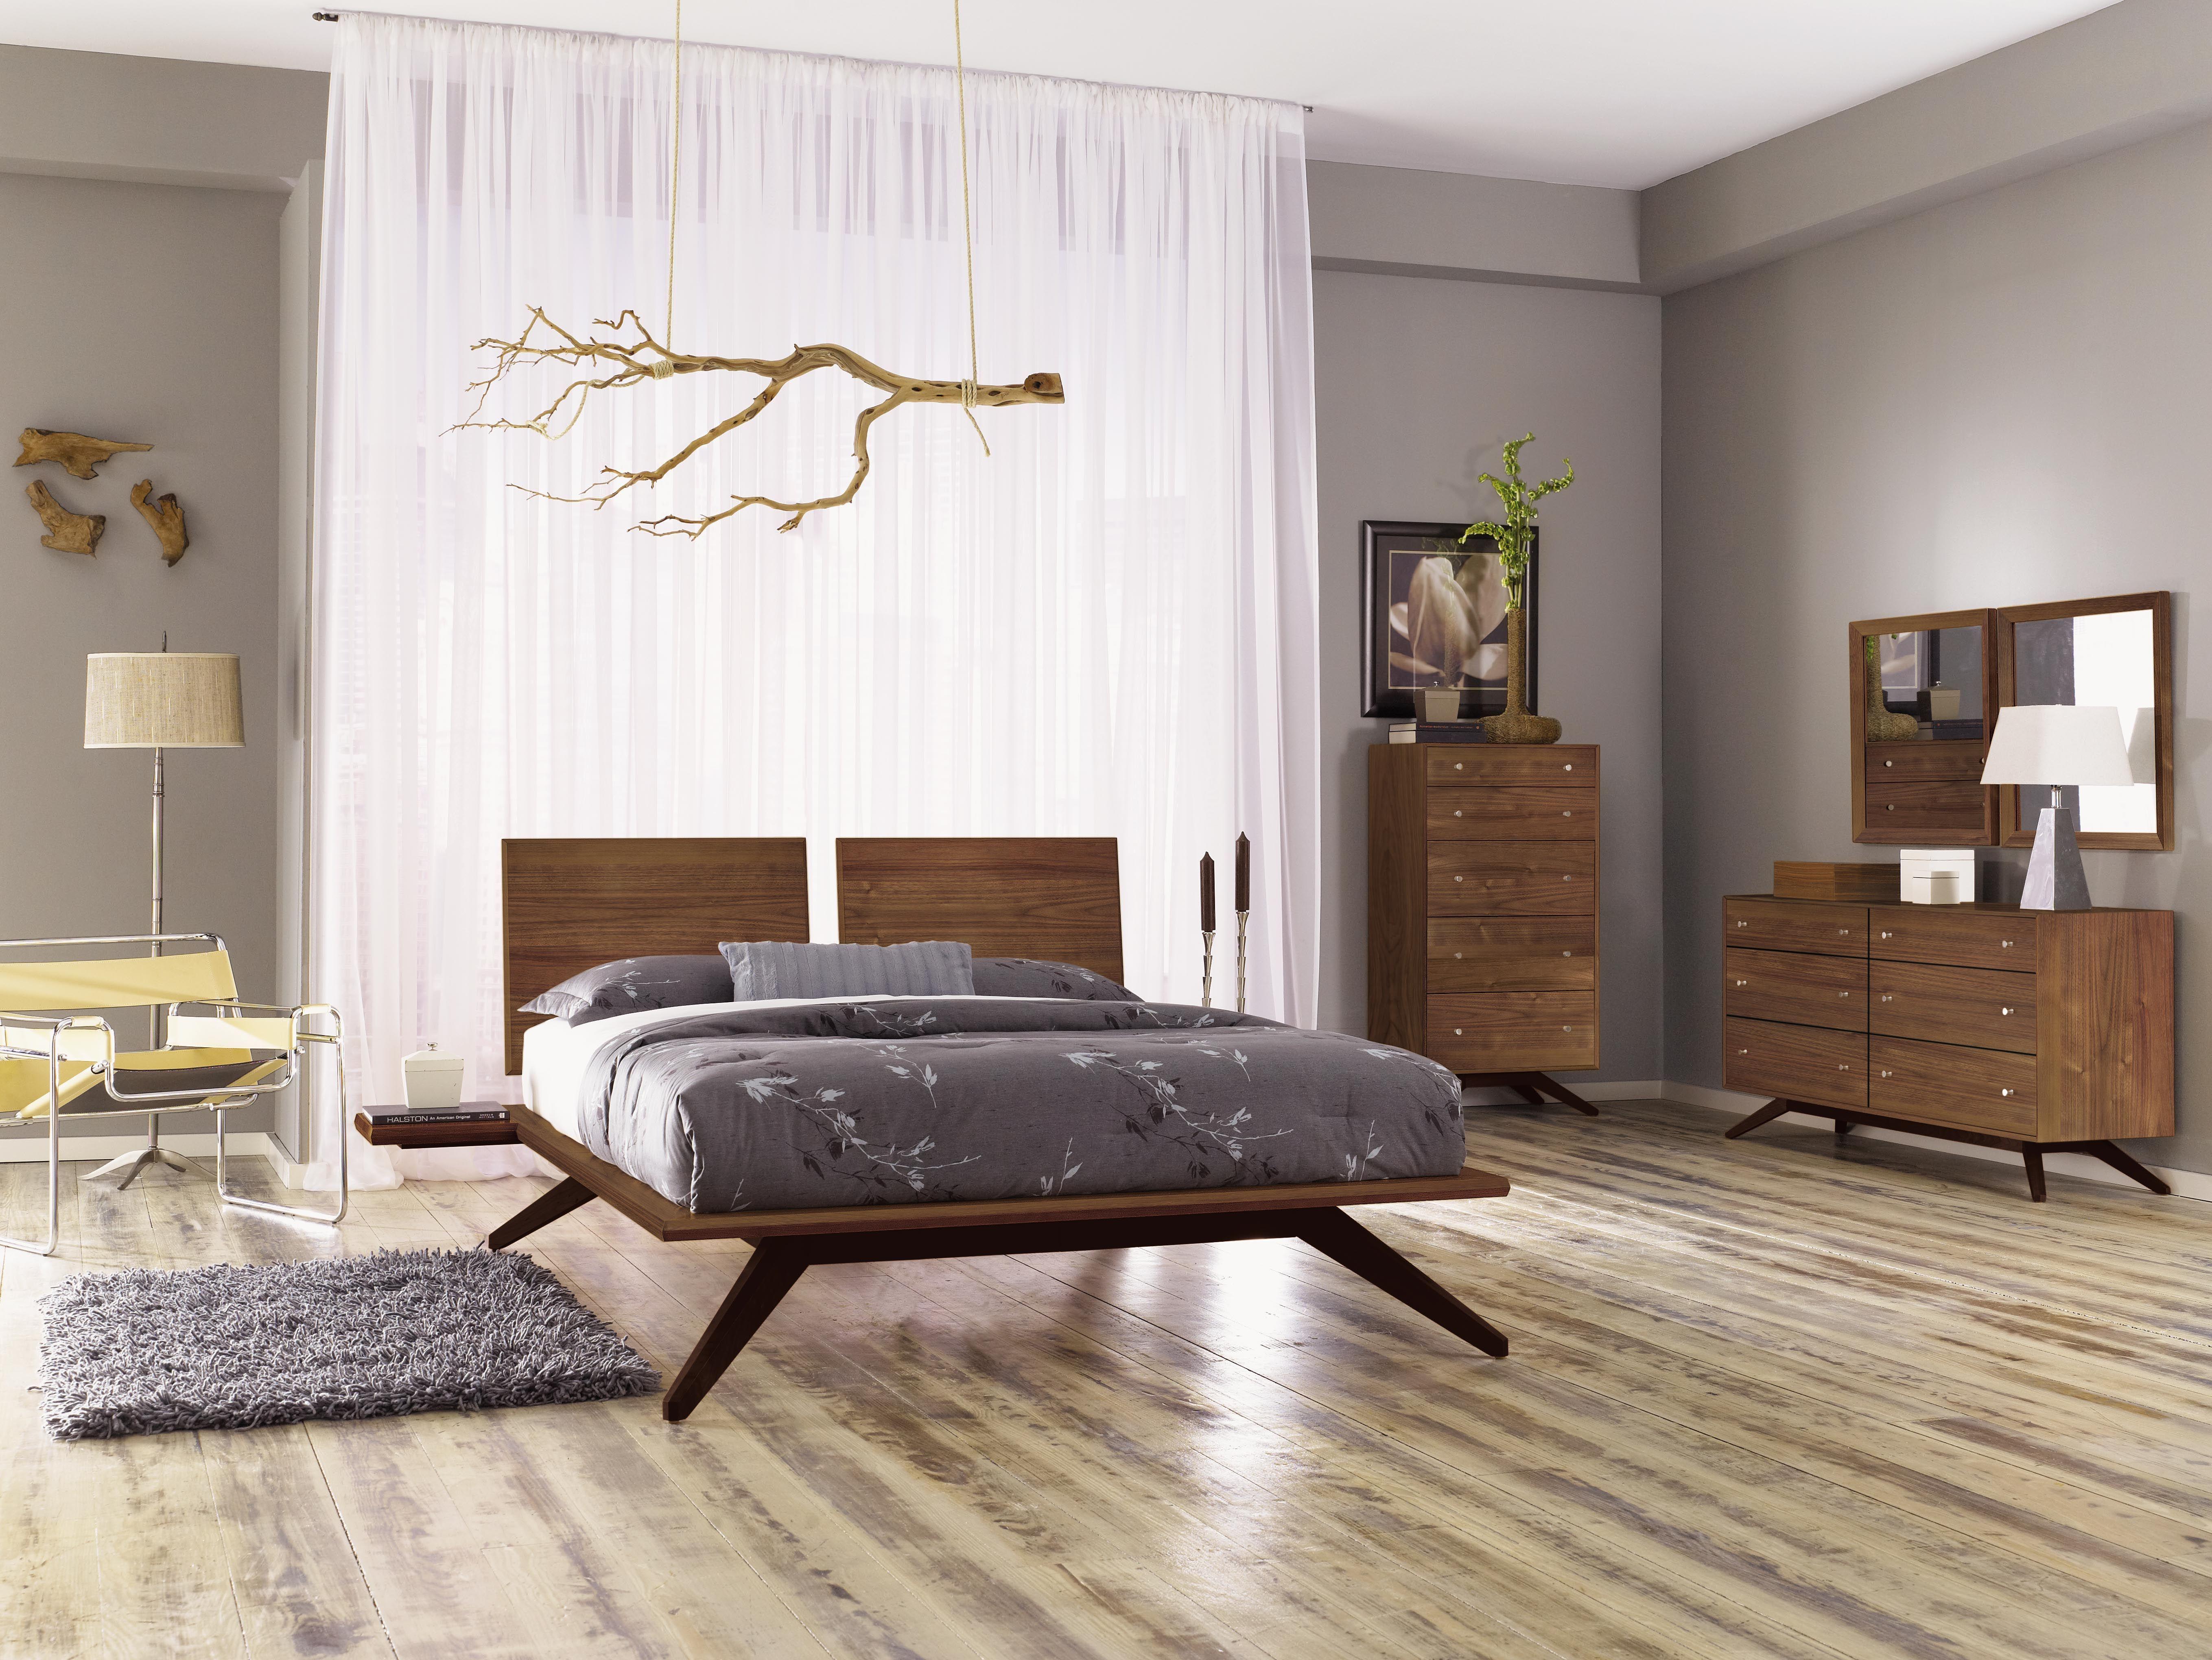 Best Astrid Queen Bedroom Set In Walnut At Smartfurniture Com 400 x 300